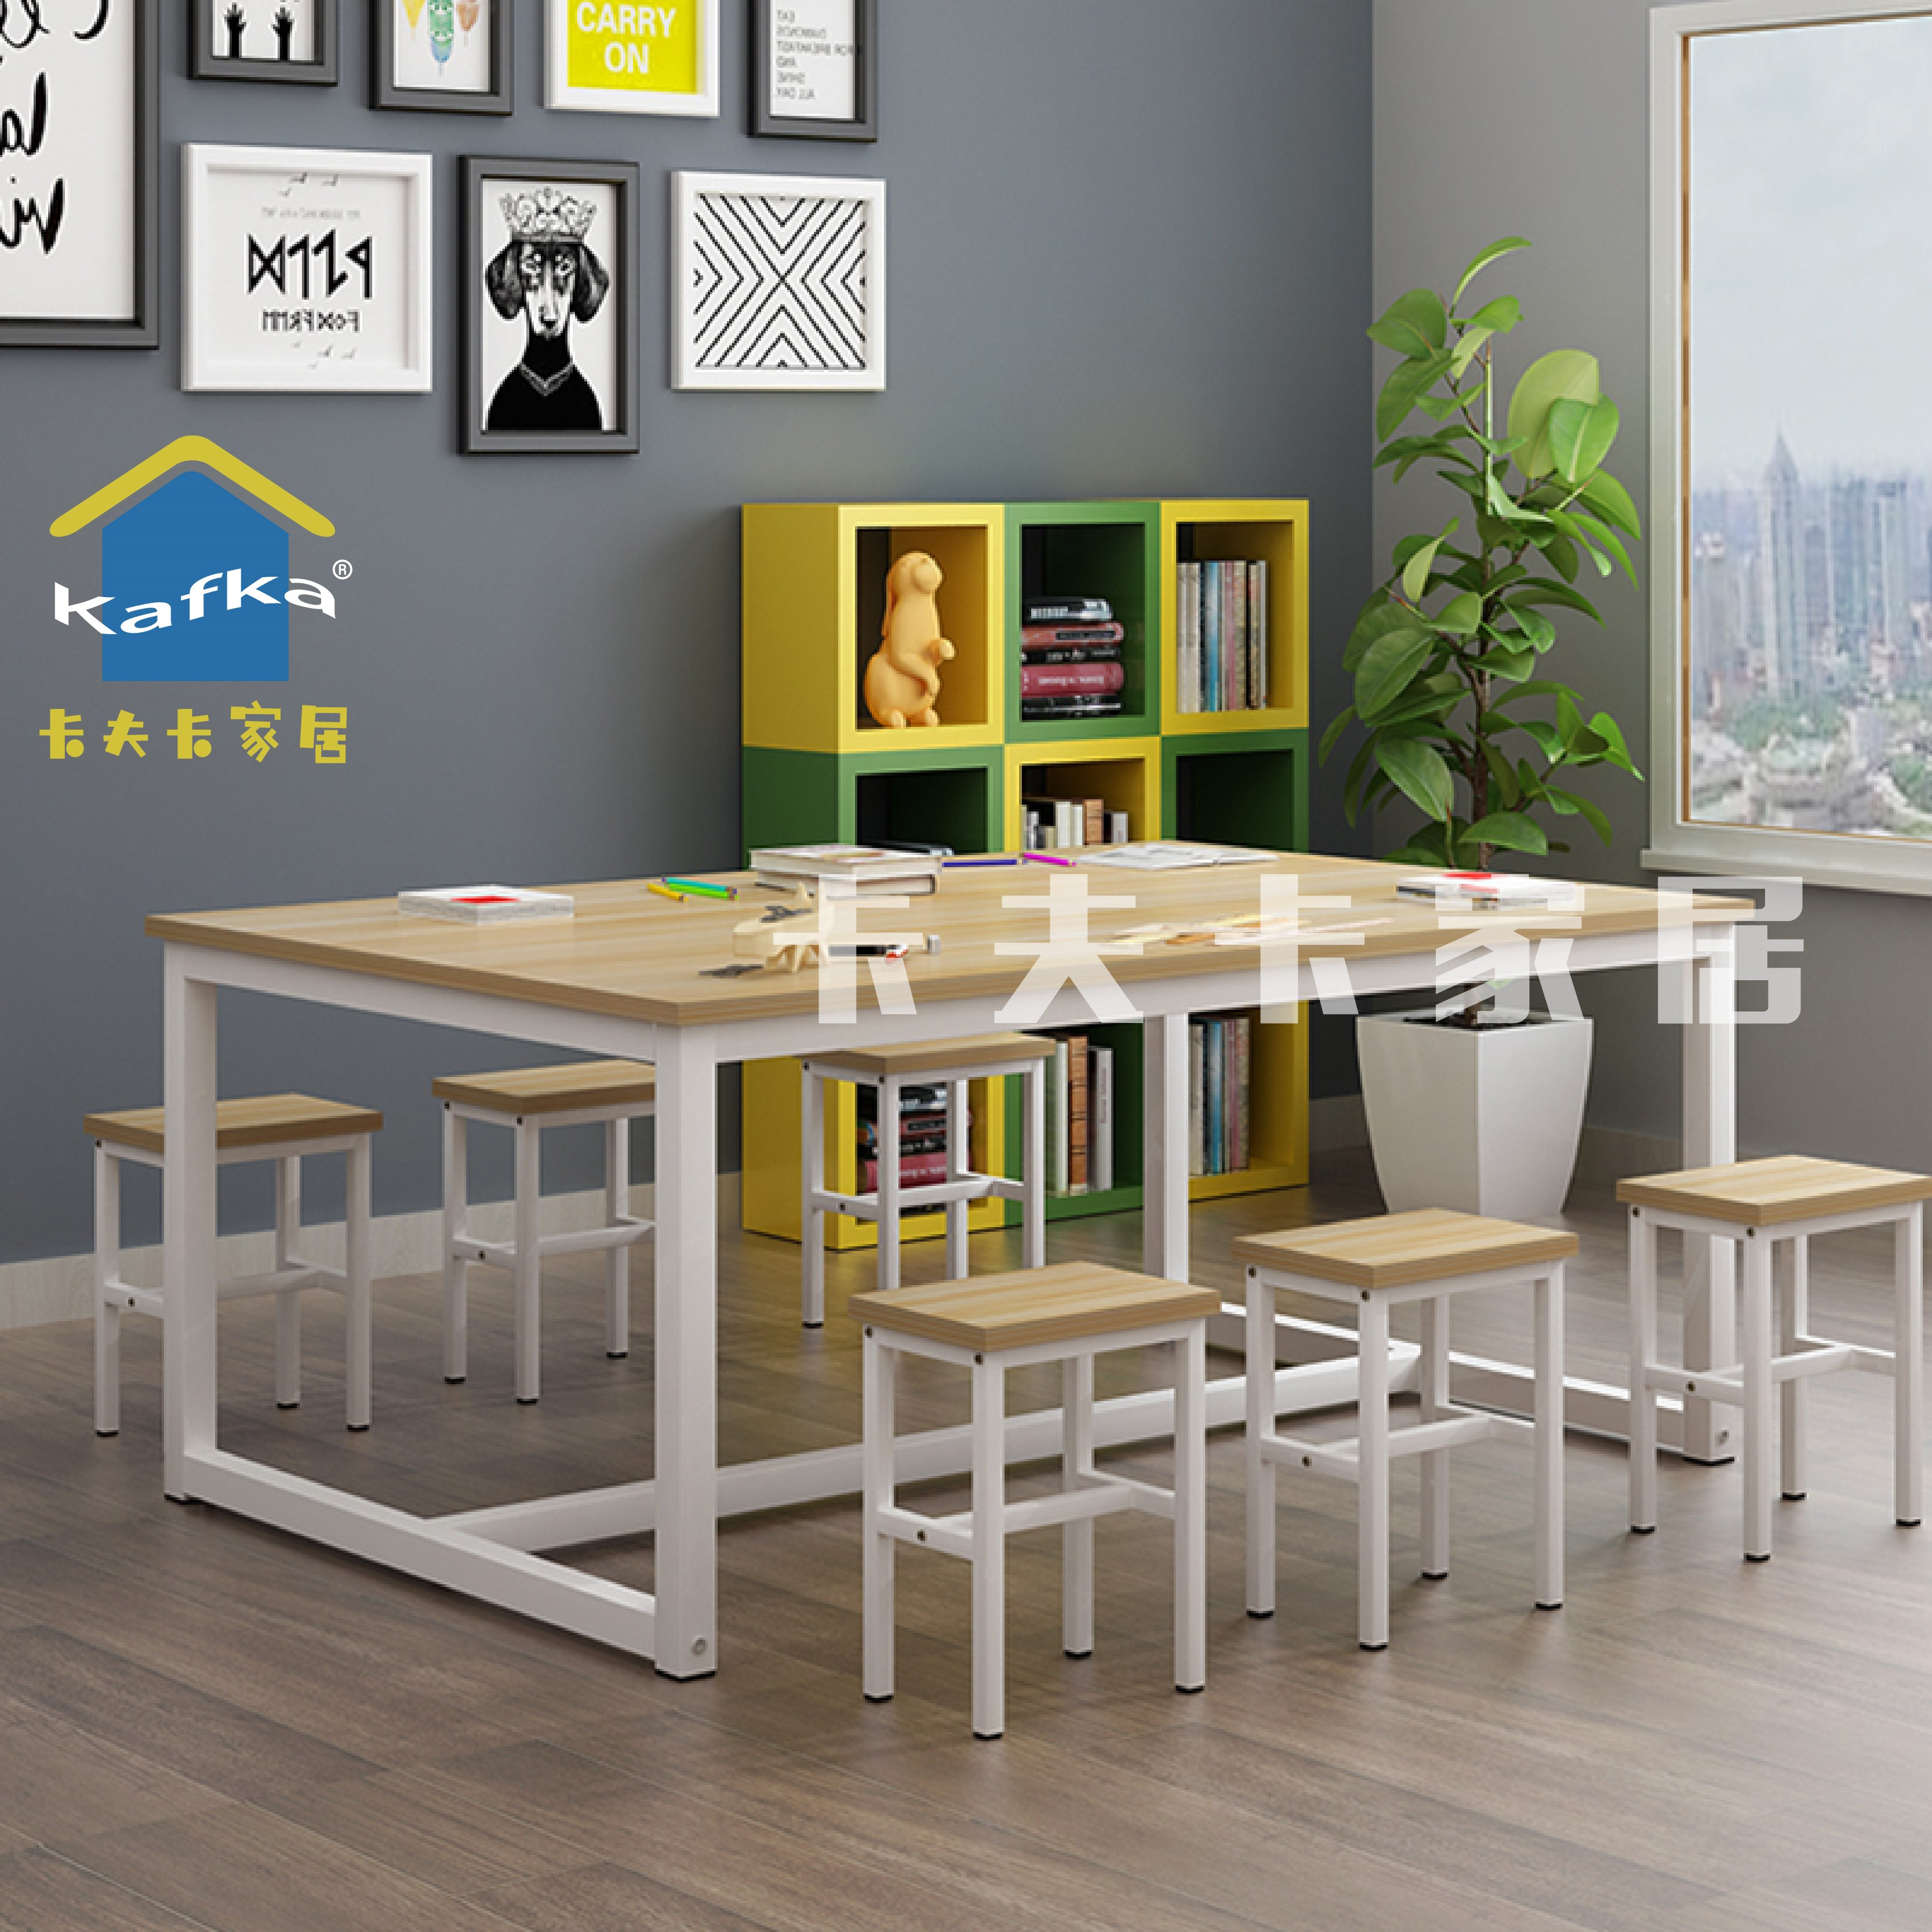 Школьная мебель Артикул 590324579938